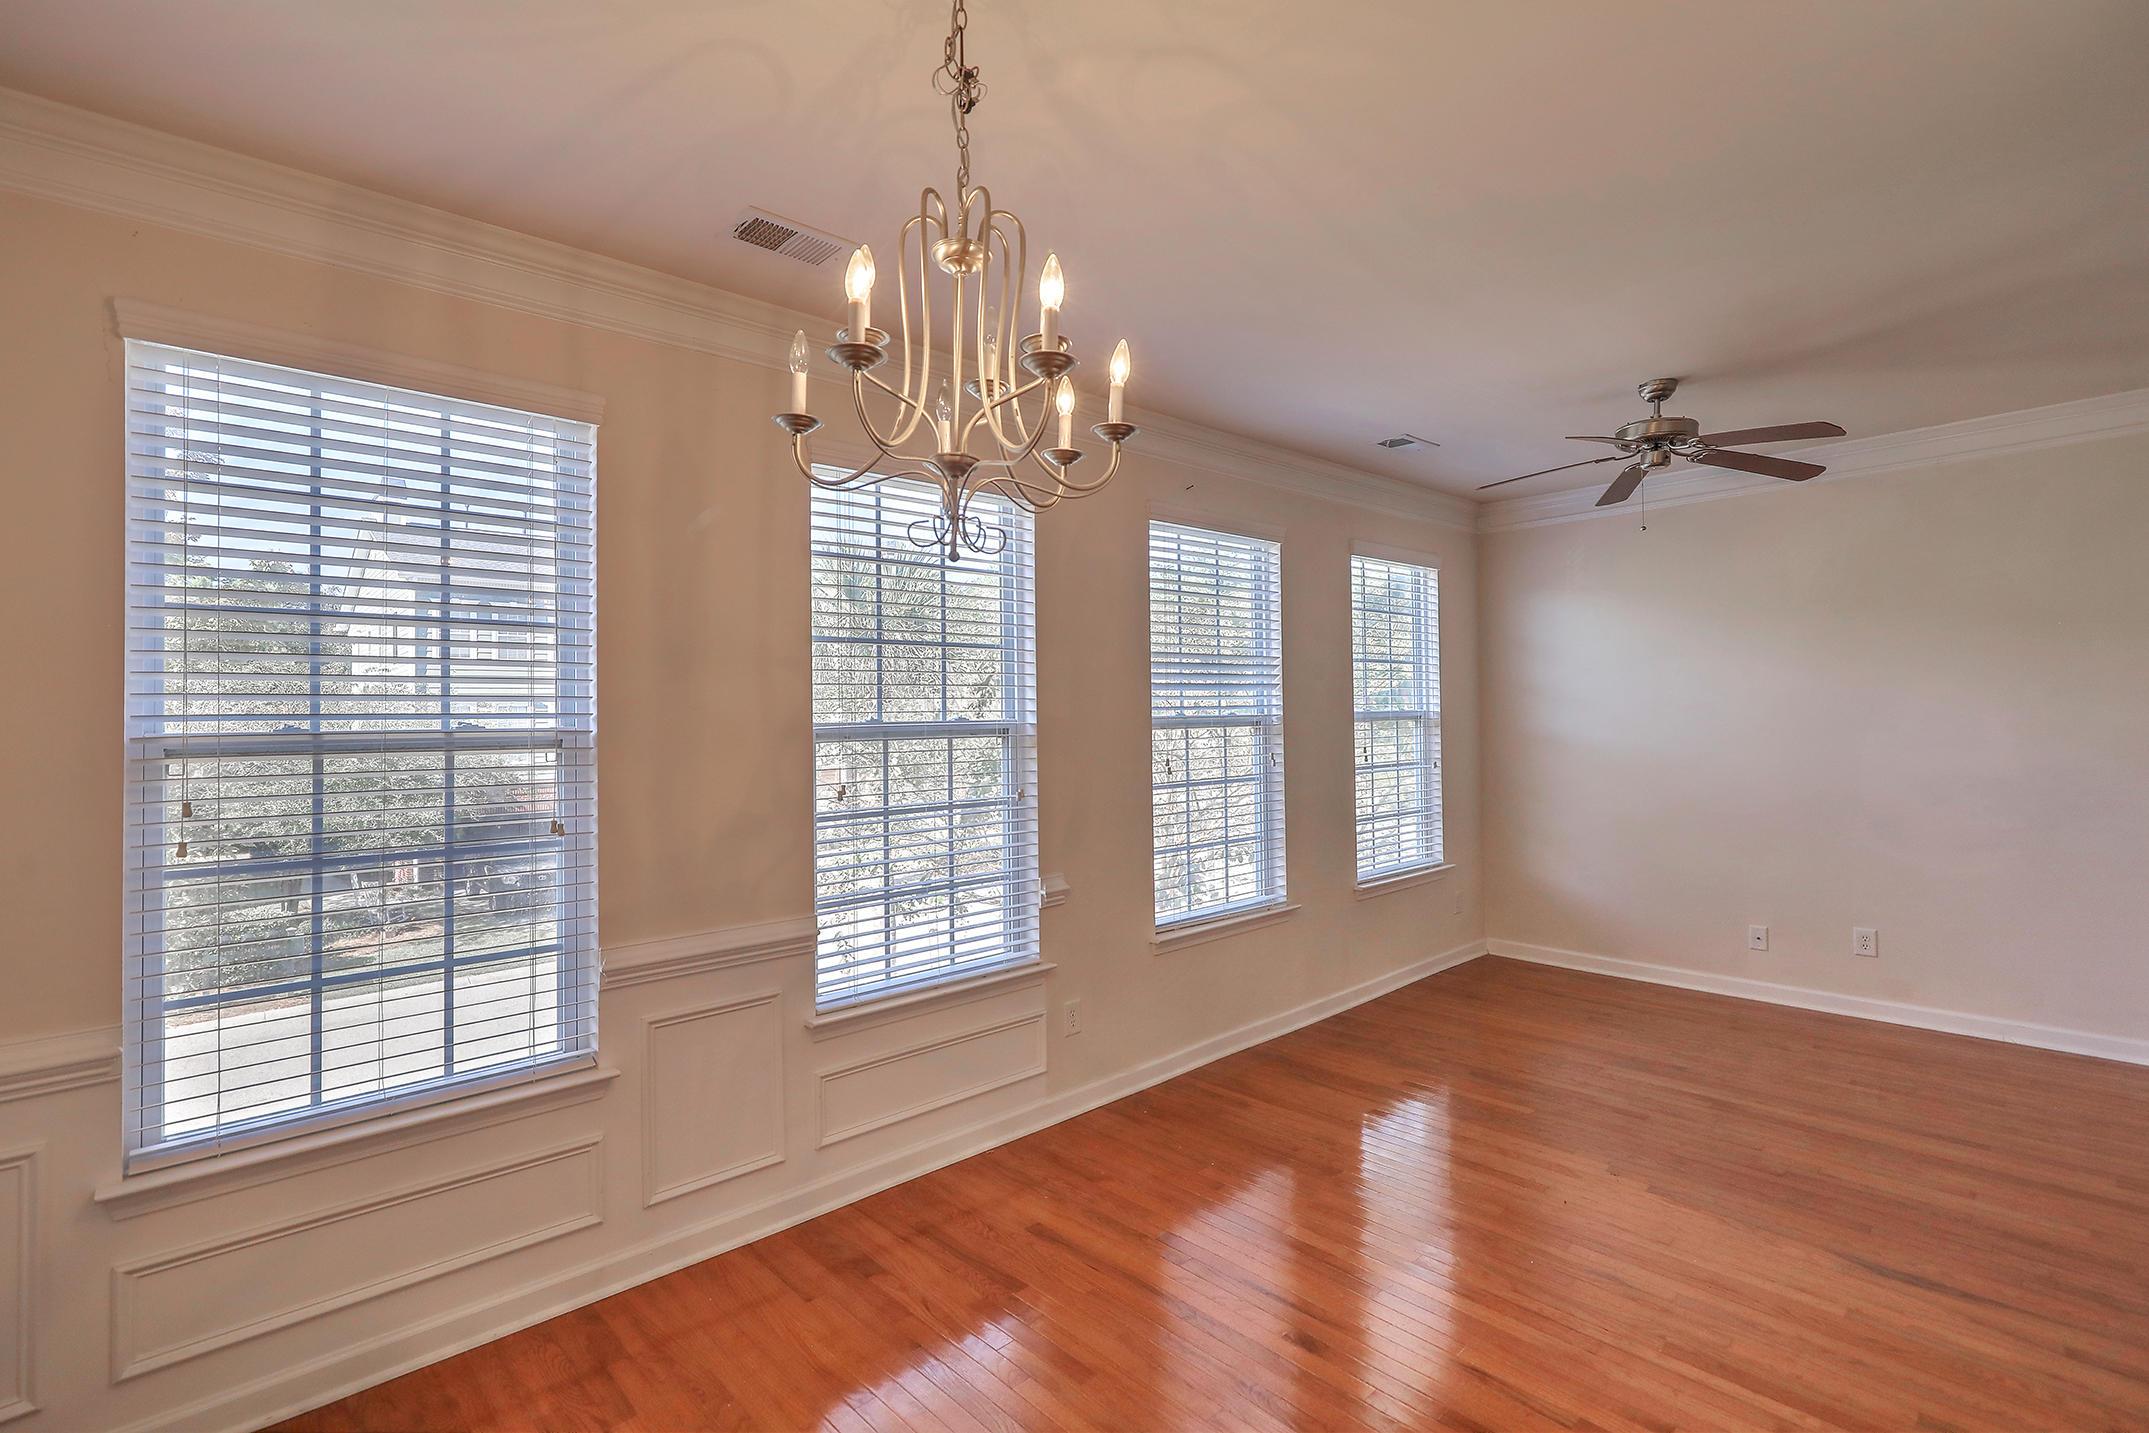 Park West Homes For Sale - 3471 Claremont, Mount Pleasant, SC - 21